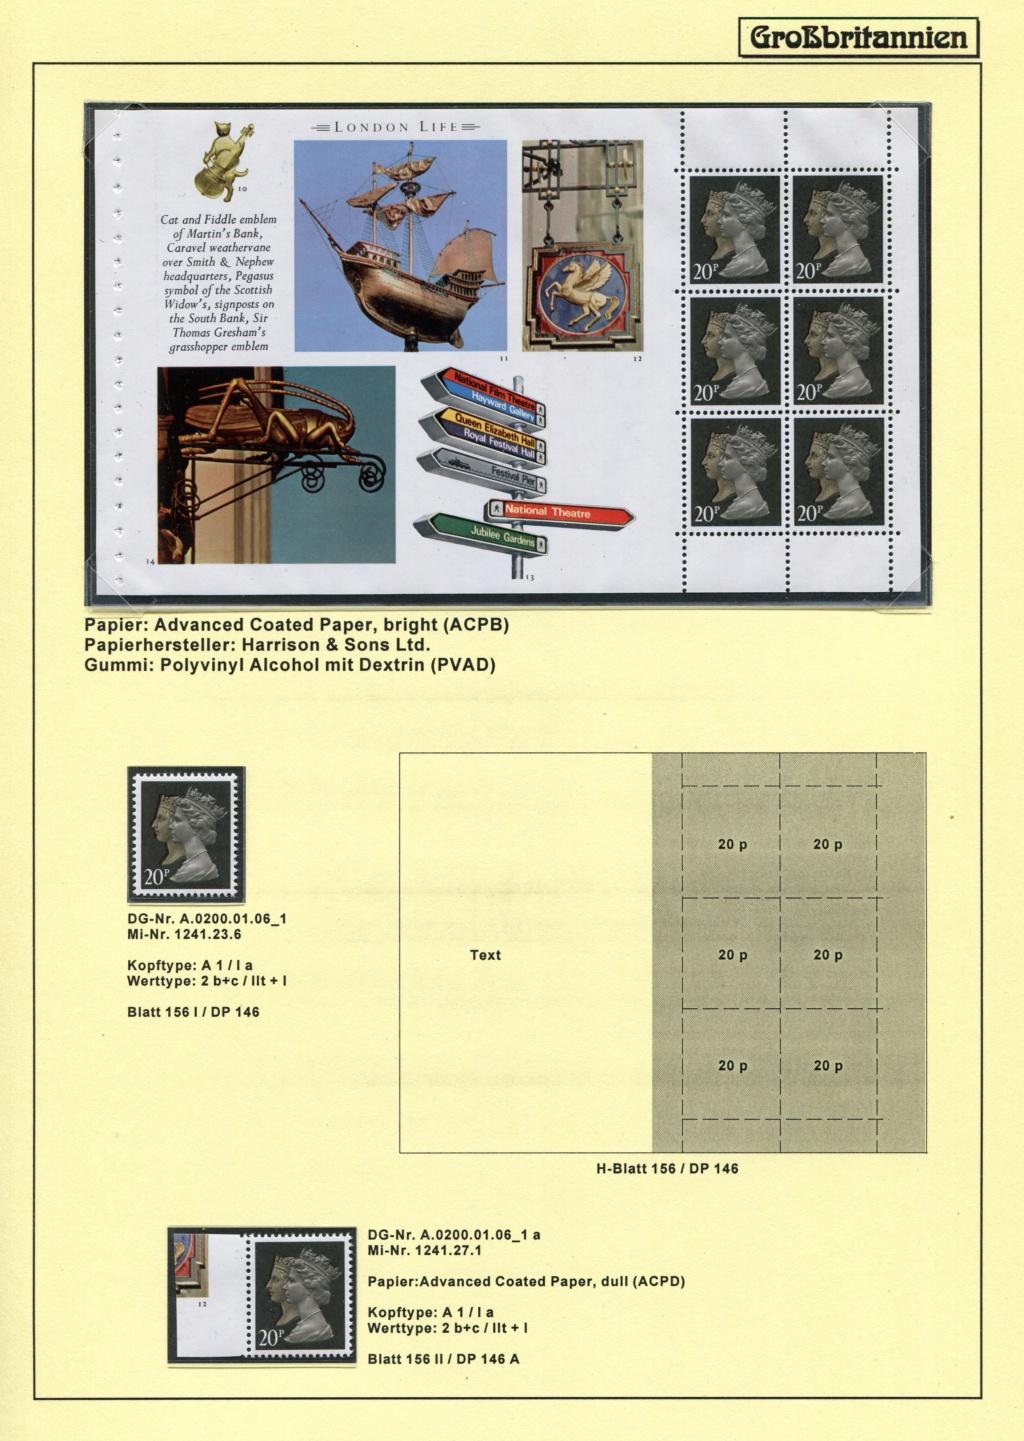 Großbritannien - 150 Jahre Briefmarken Black_34